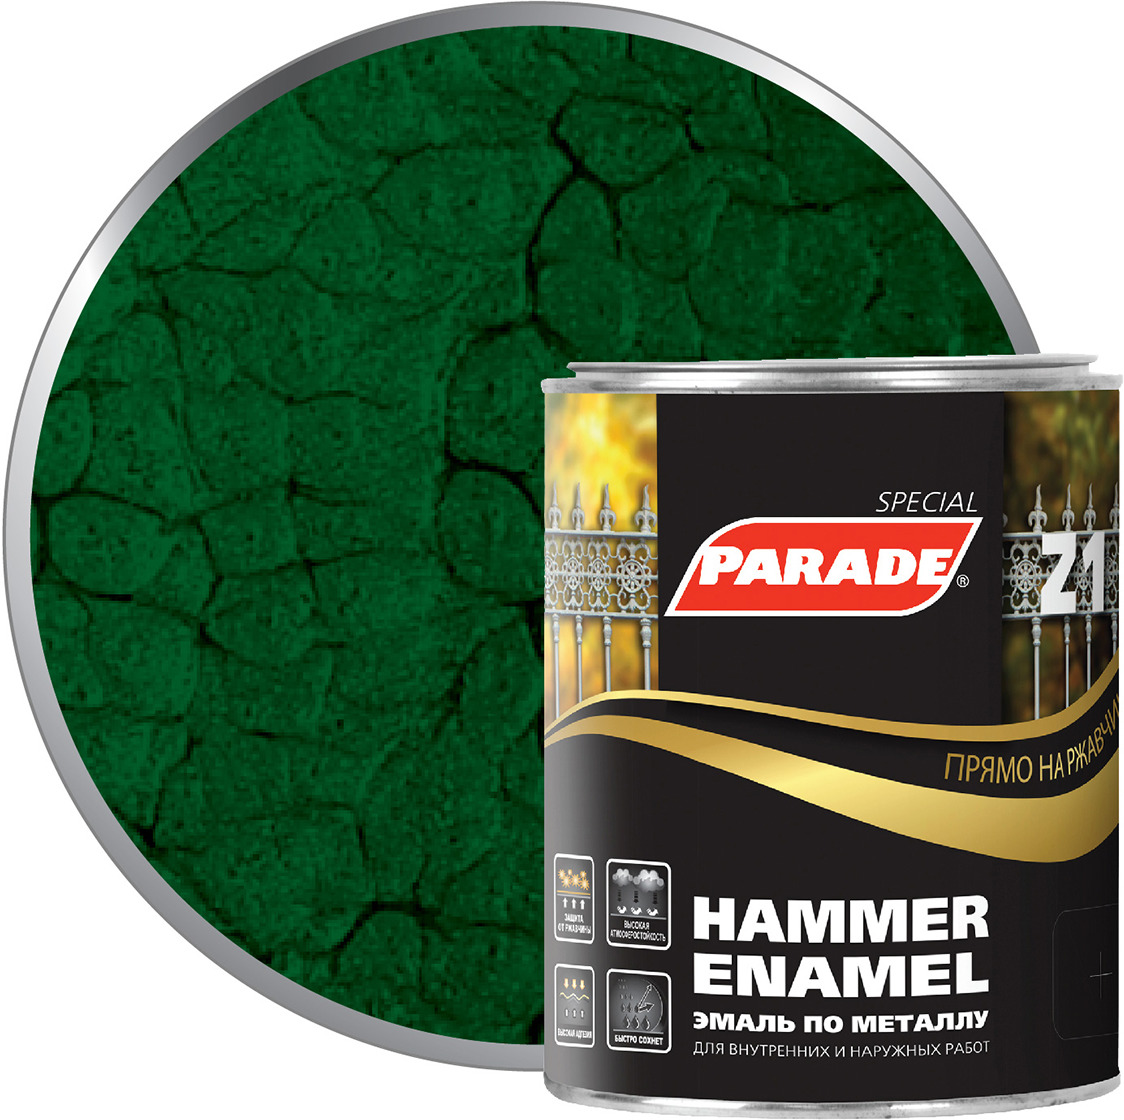 Фото - Эмаль по металлу Parade Z1, молотковая, 543-388 темно-зеленый, 750 мл финишный гвоздь swfs свфс din1152 1 8х40 25кг тов 041025